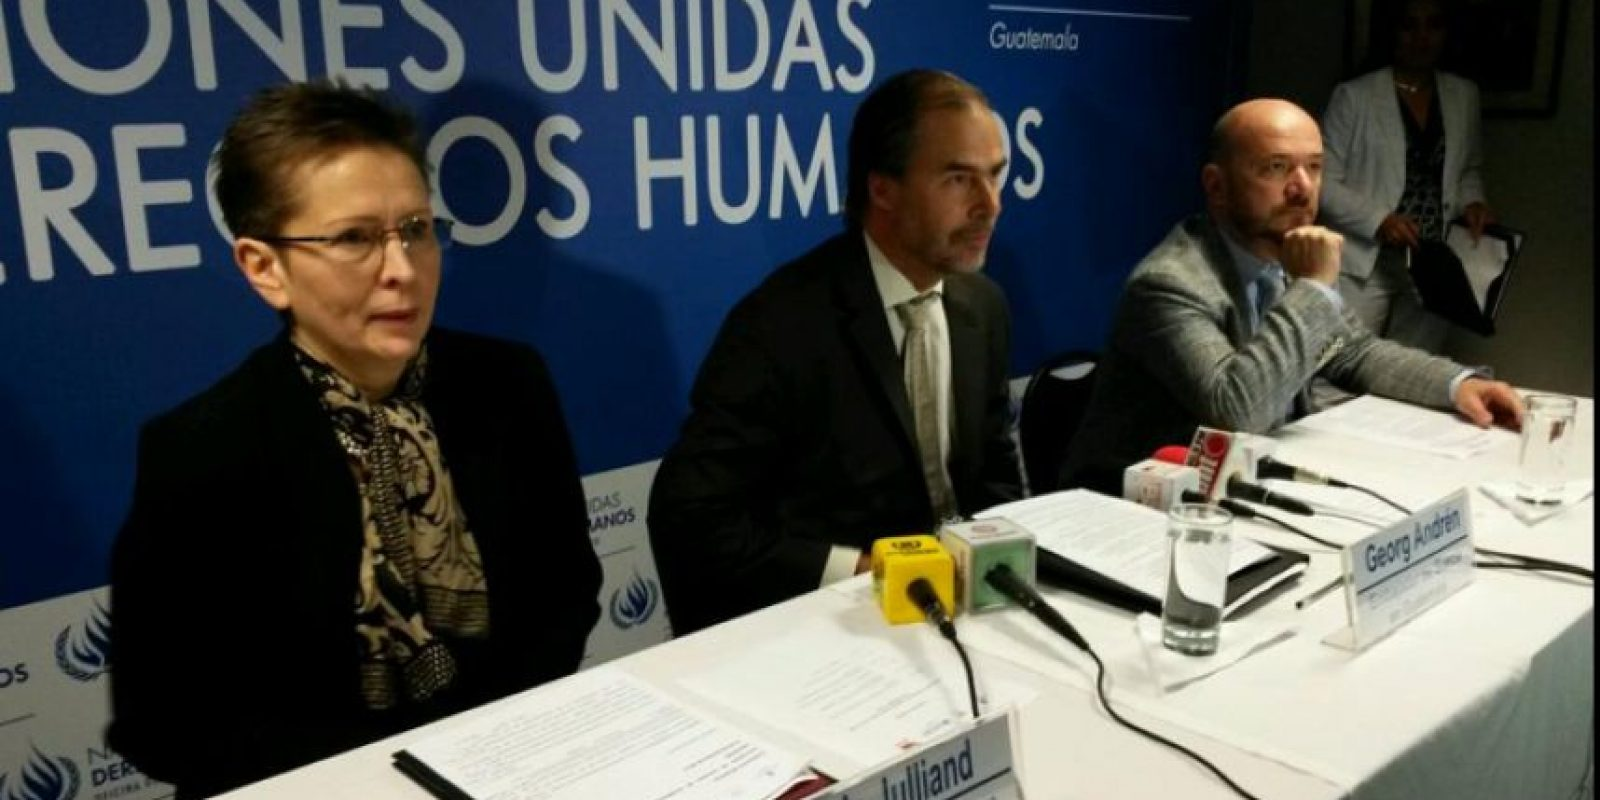 La ONU pide que se respeten los derechos humanos de los internos. Foto:Emisoras Unidas